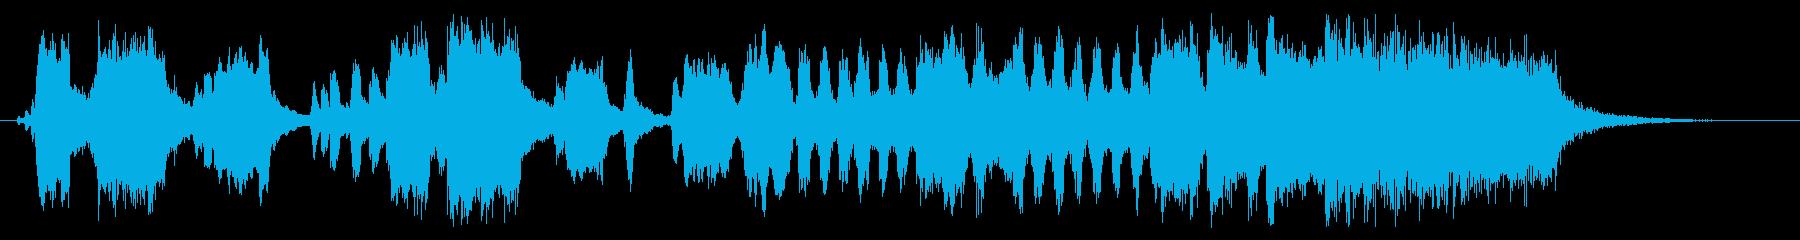 競馬のファンファーレ風のジングルの再生済みの波形